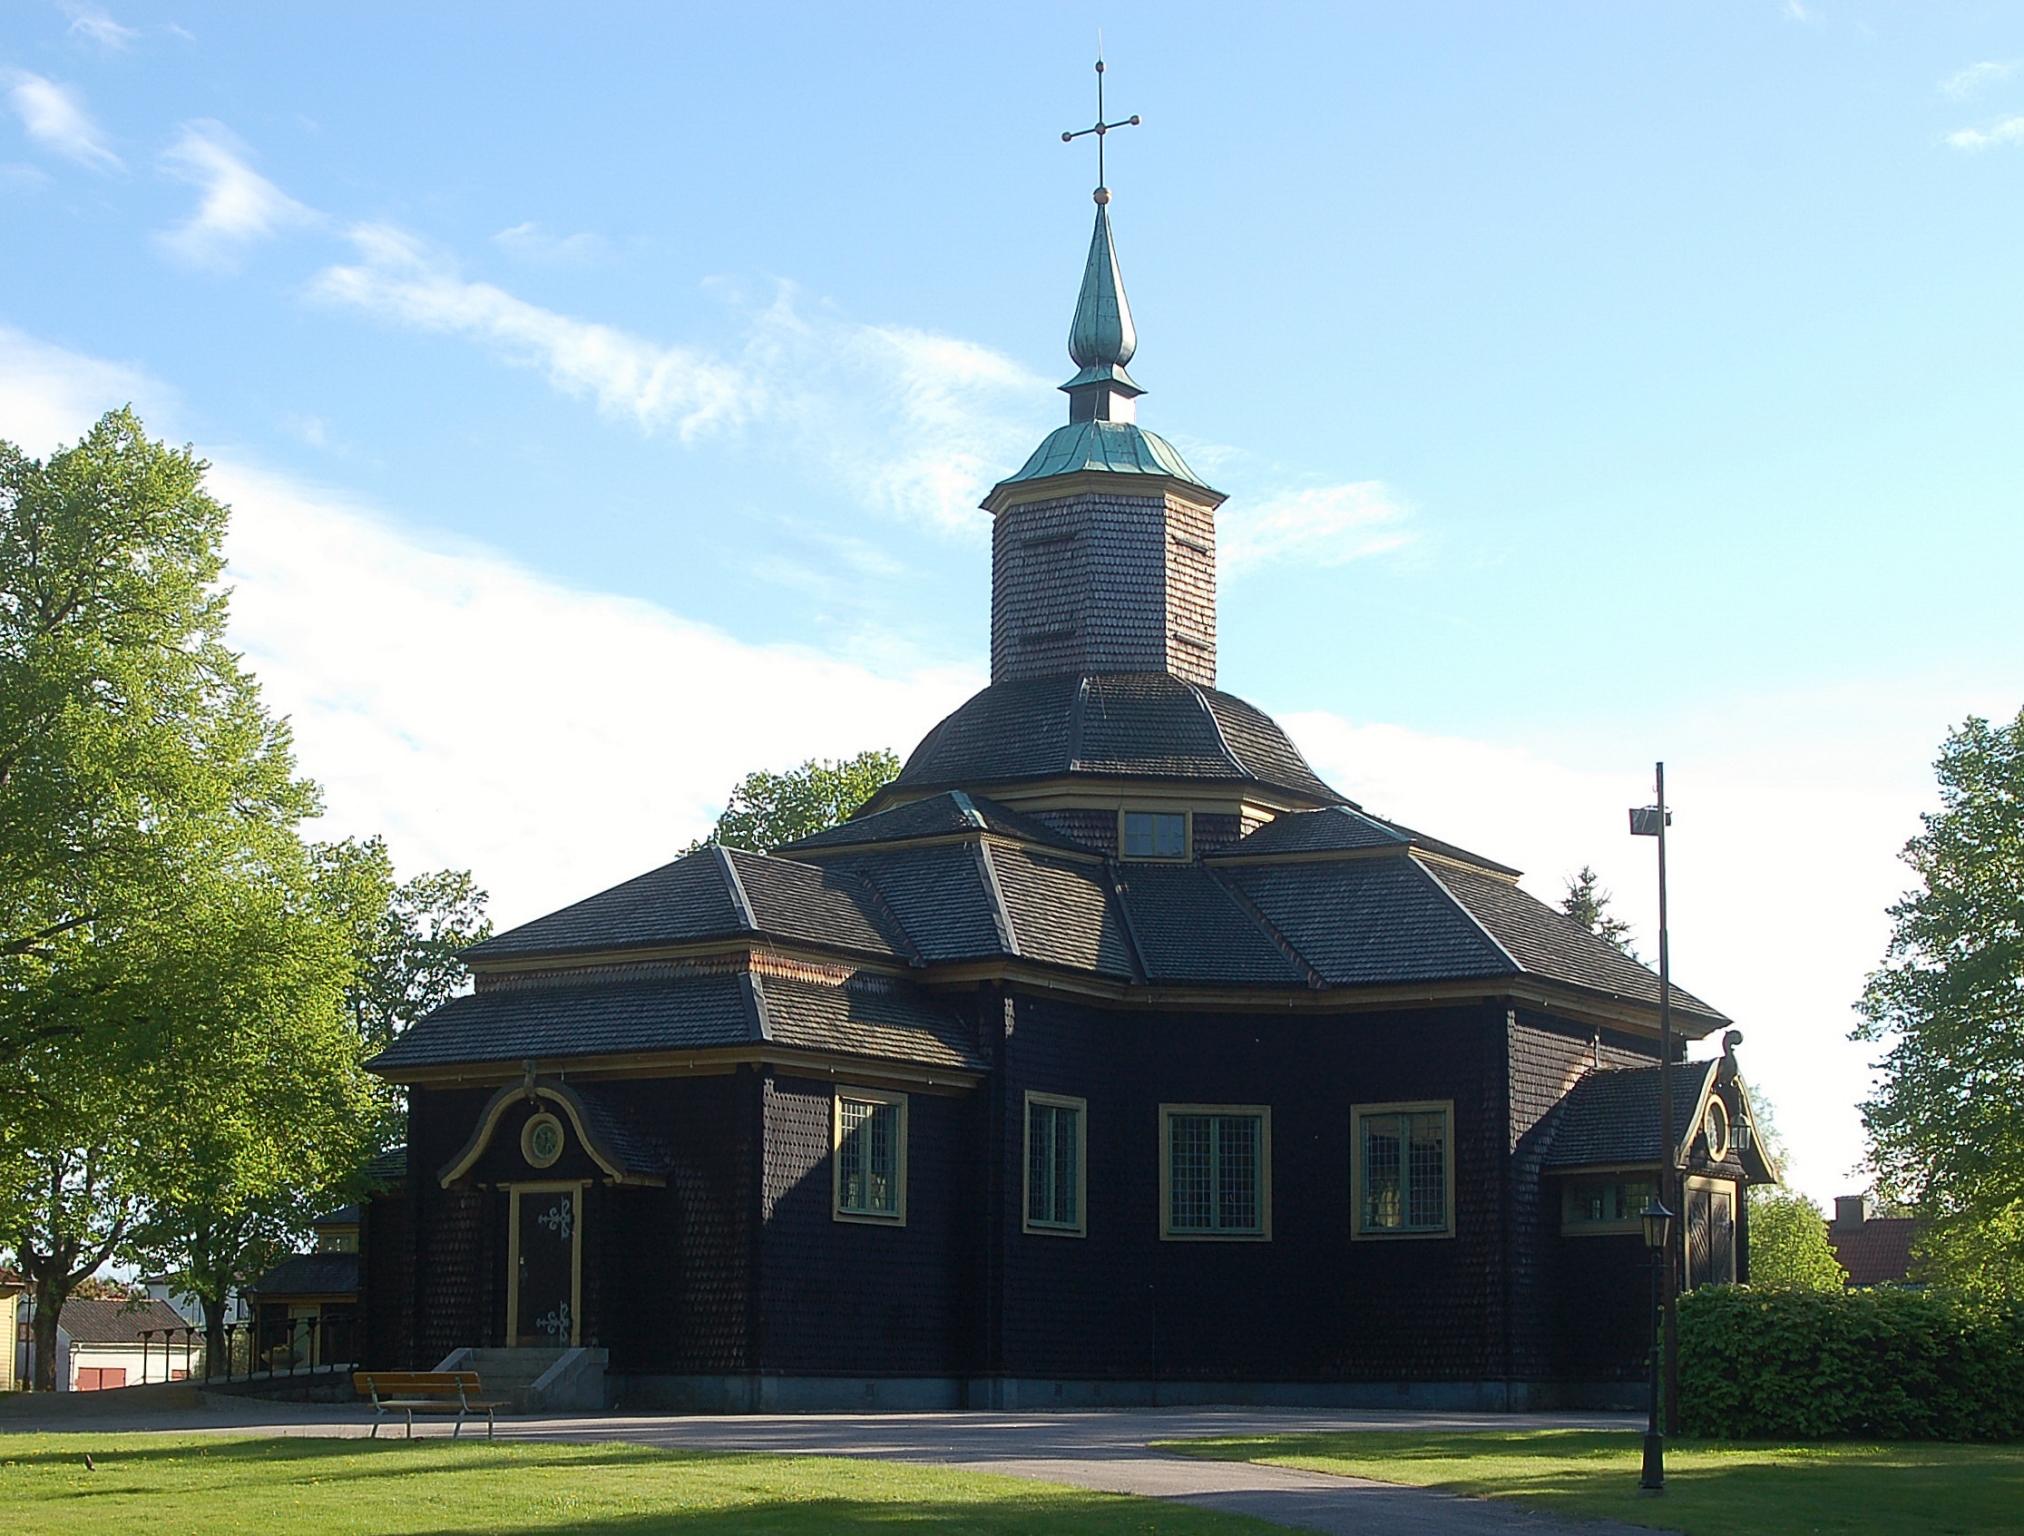 Fil:Ramundeboda kyrka (Bodarne kyrka) - KMB - Wikipedia